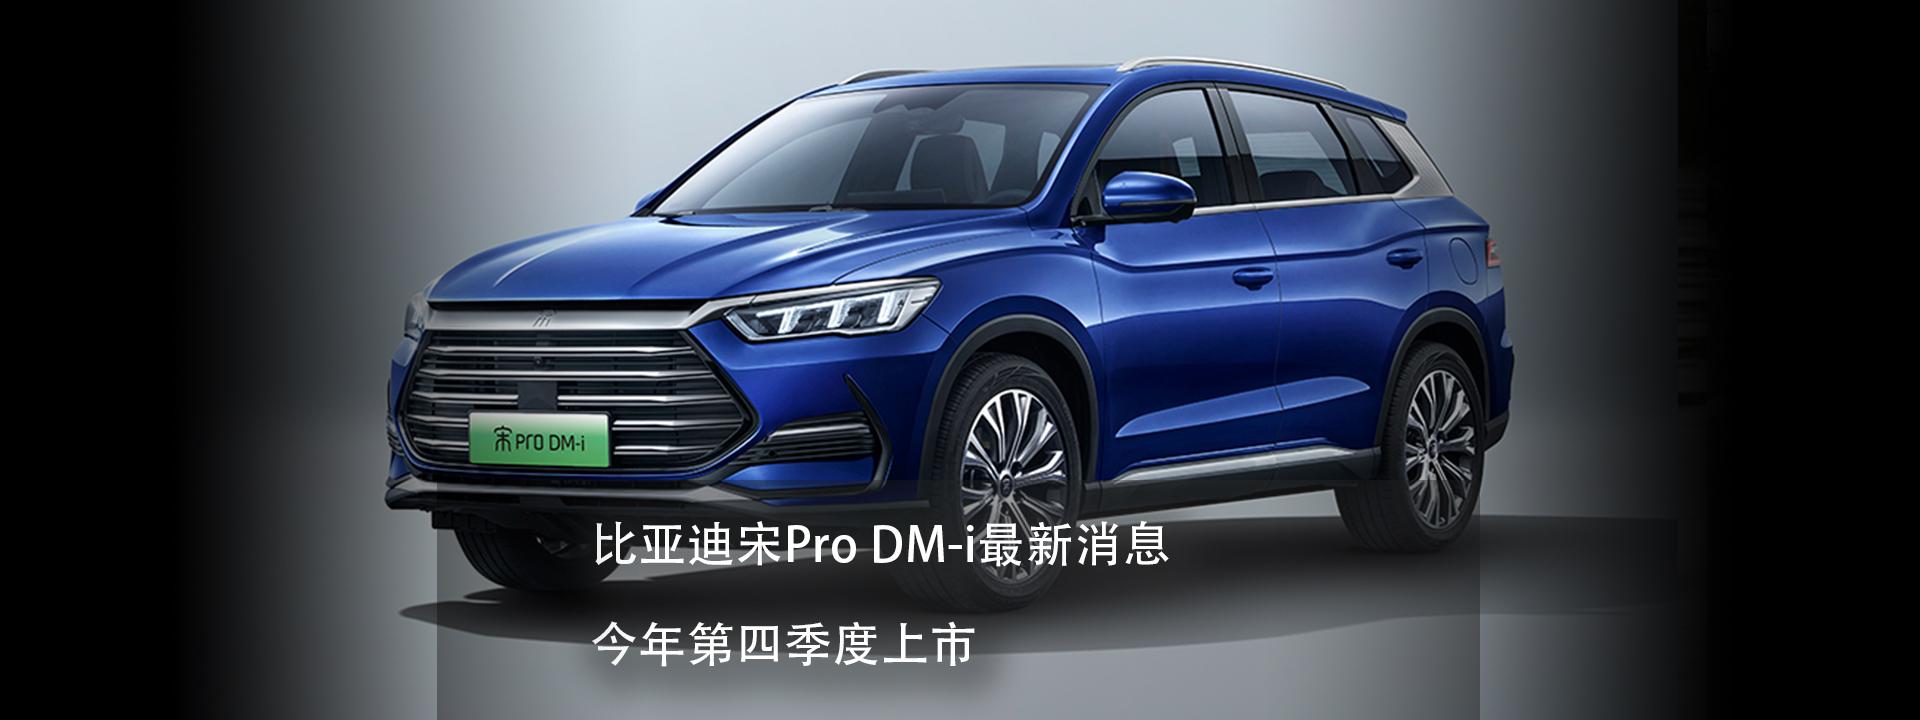 比亚迪宋Pro DM-i最新消息 今年第四季度上市